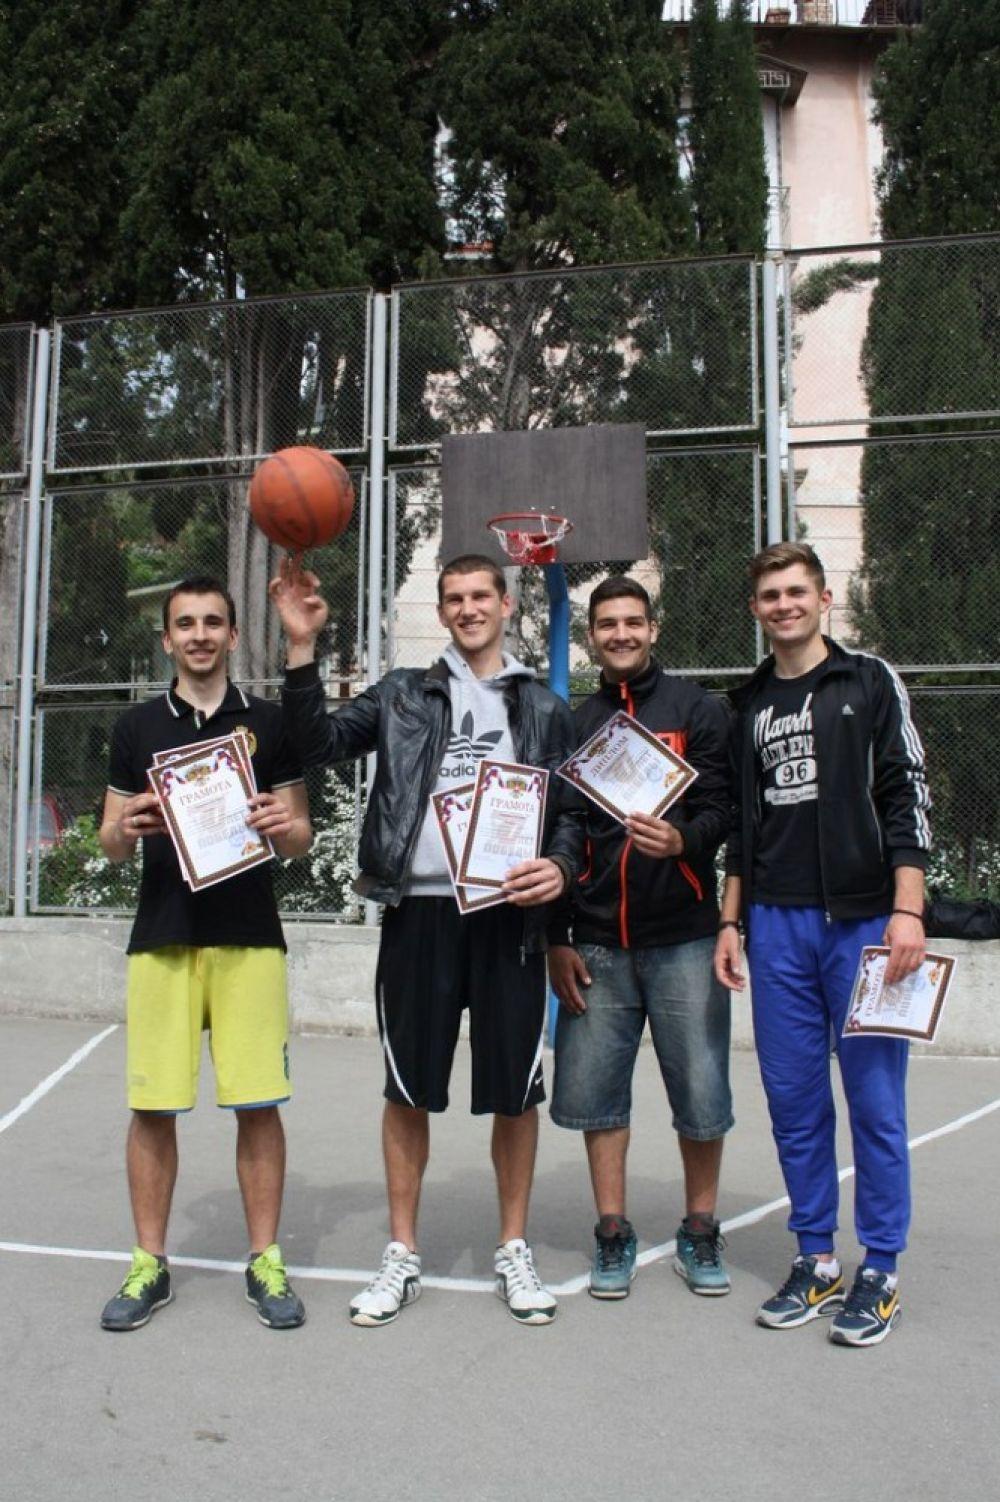 Баскетболисты  из Феодосии заняли призовое место на соревнованияx в Ялте.